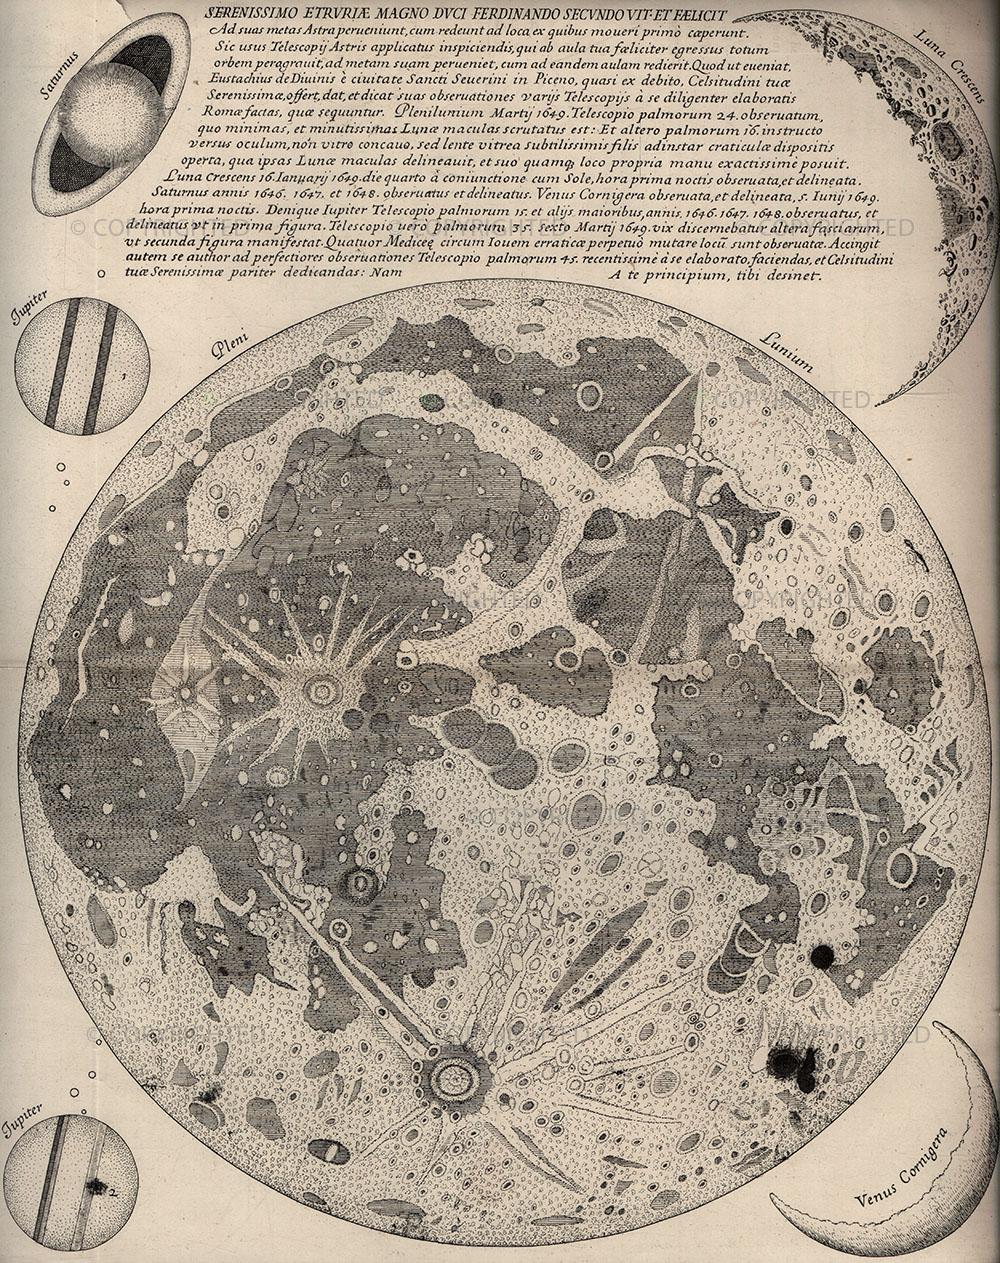 Eustachio Divini, Carta della Luna